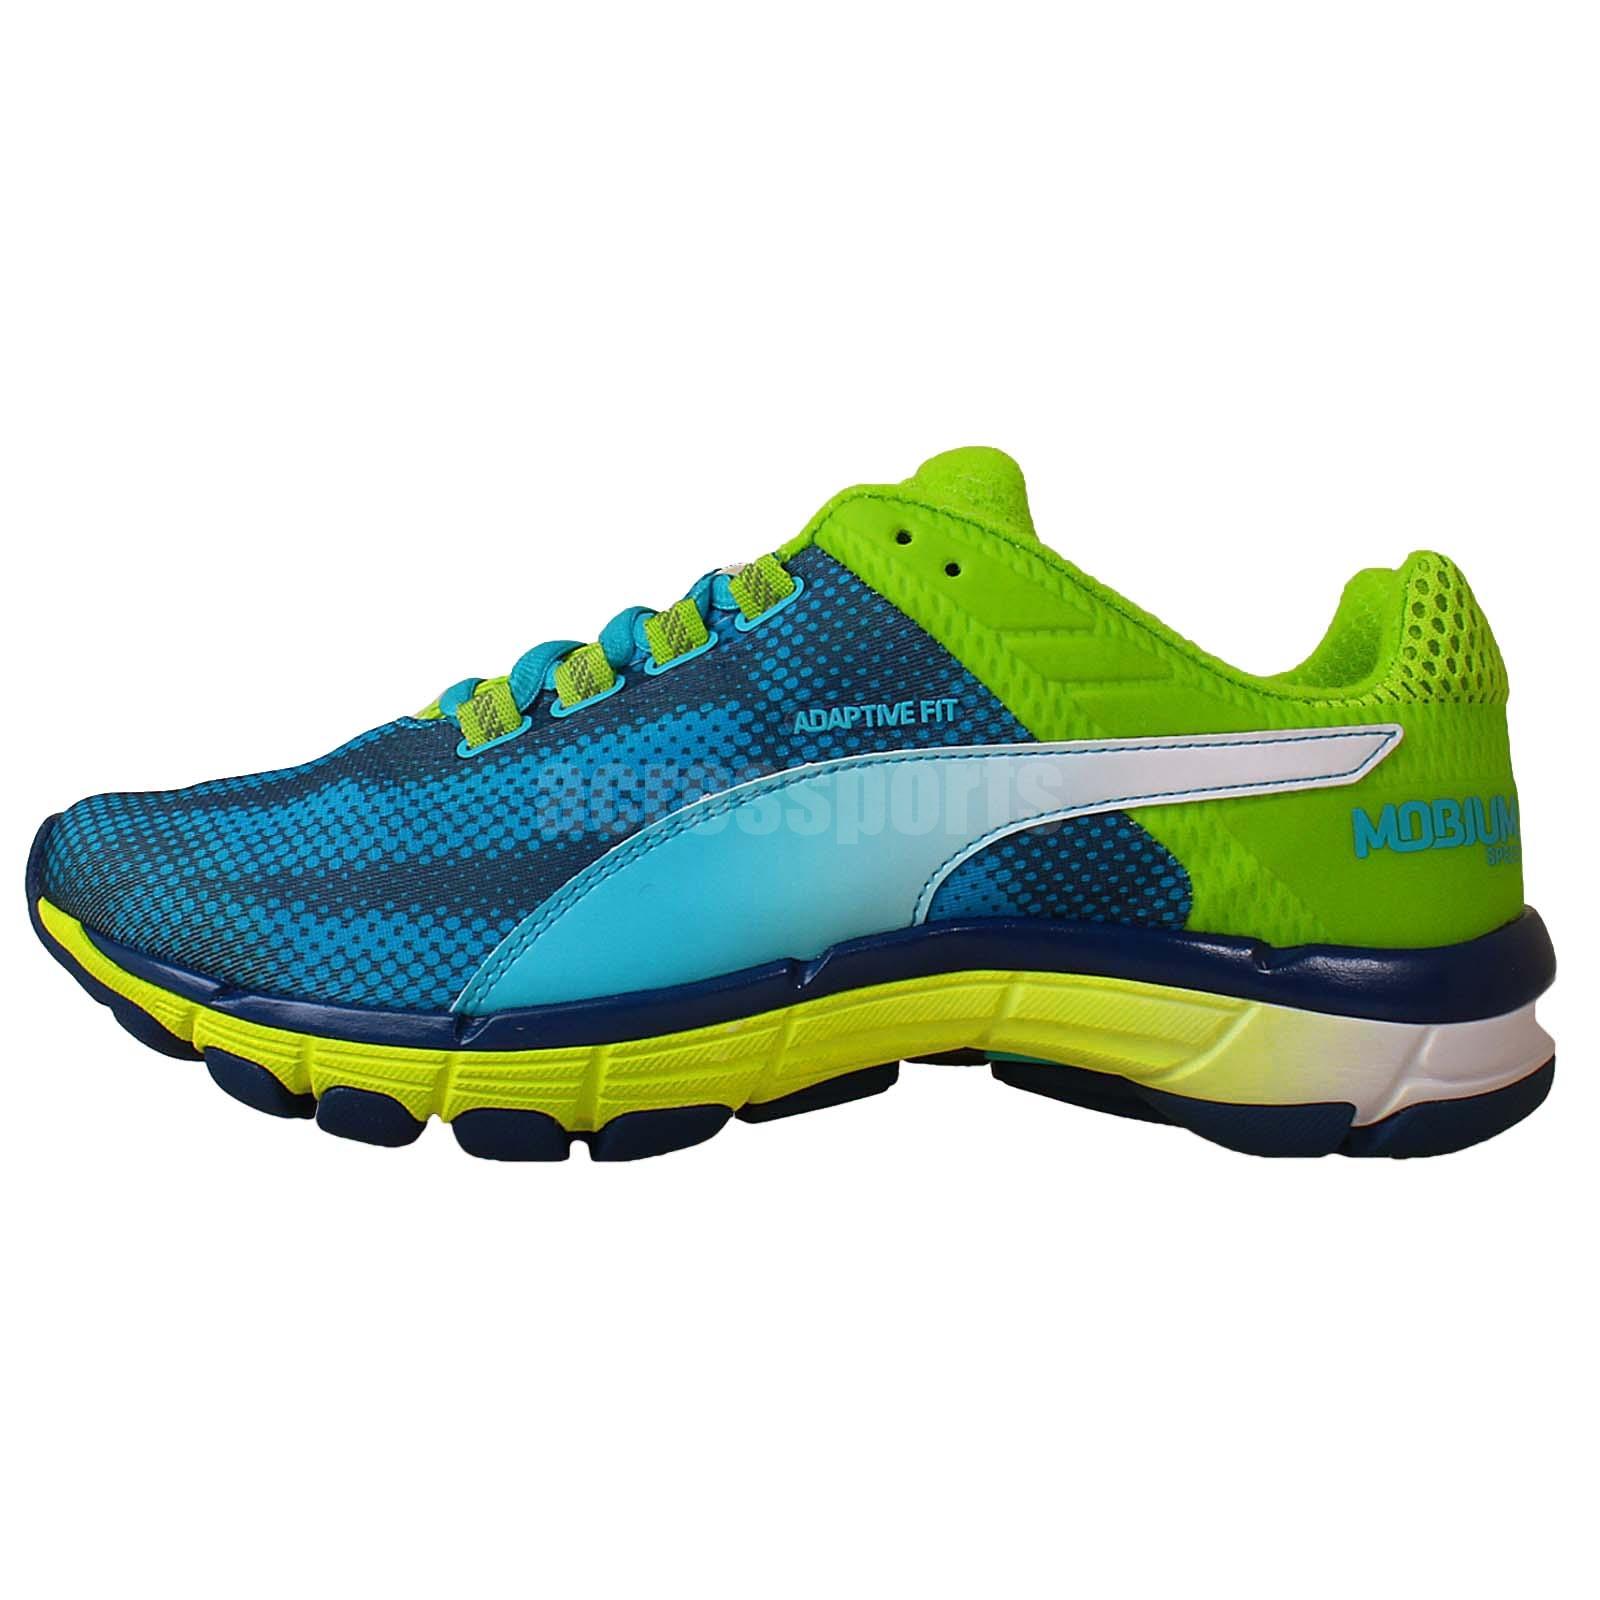 Puma Mobium Elite Speed Blue Green 2014 Mens Jogging ...